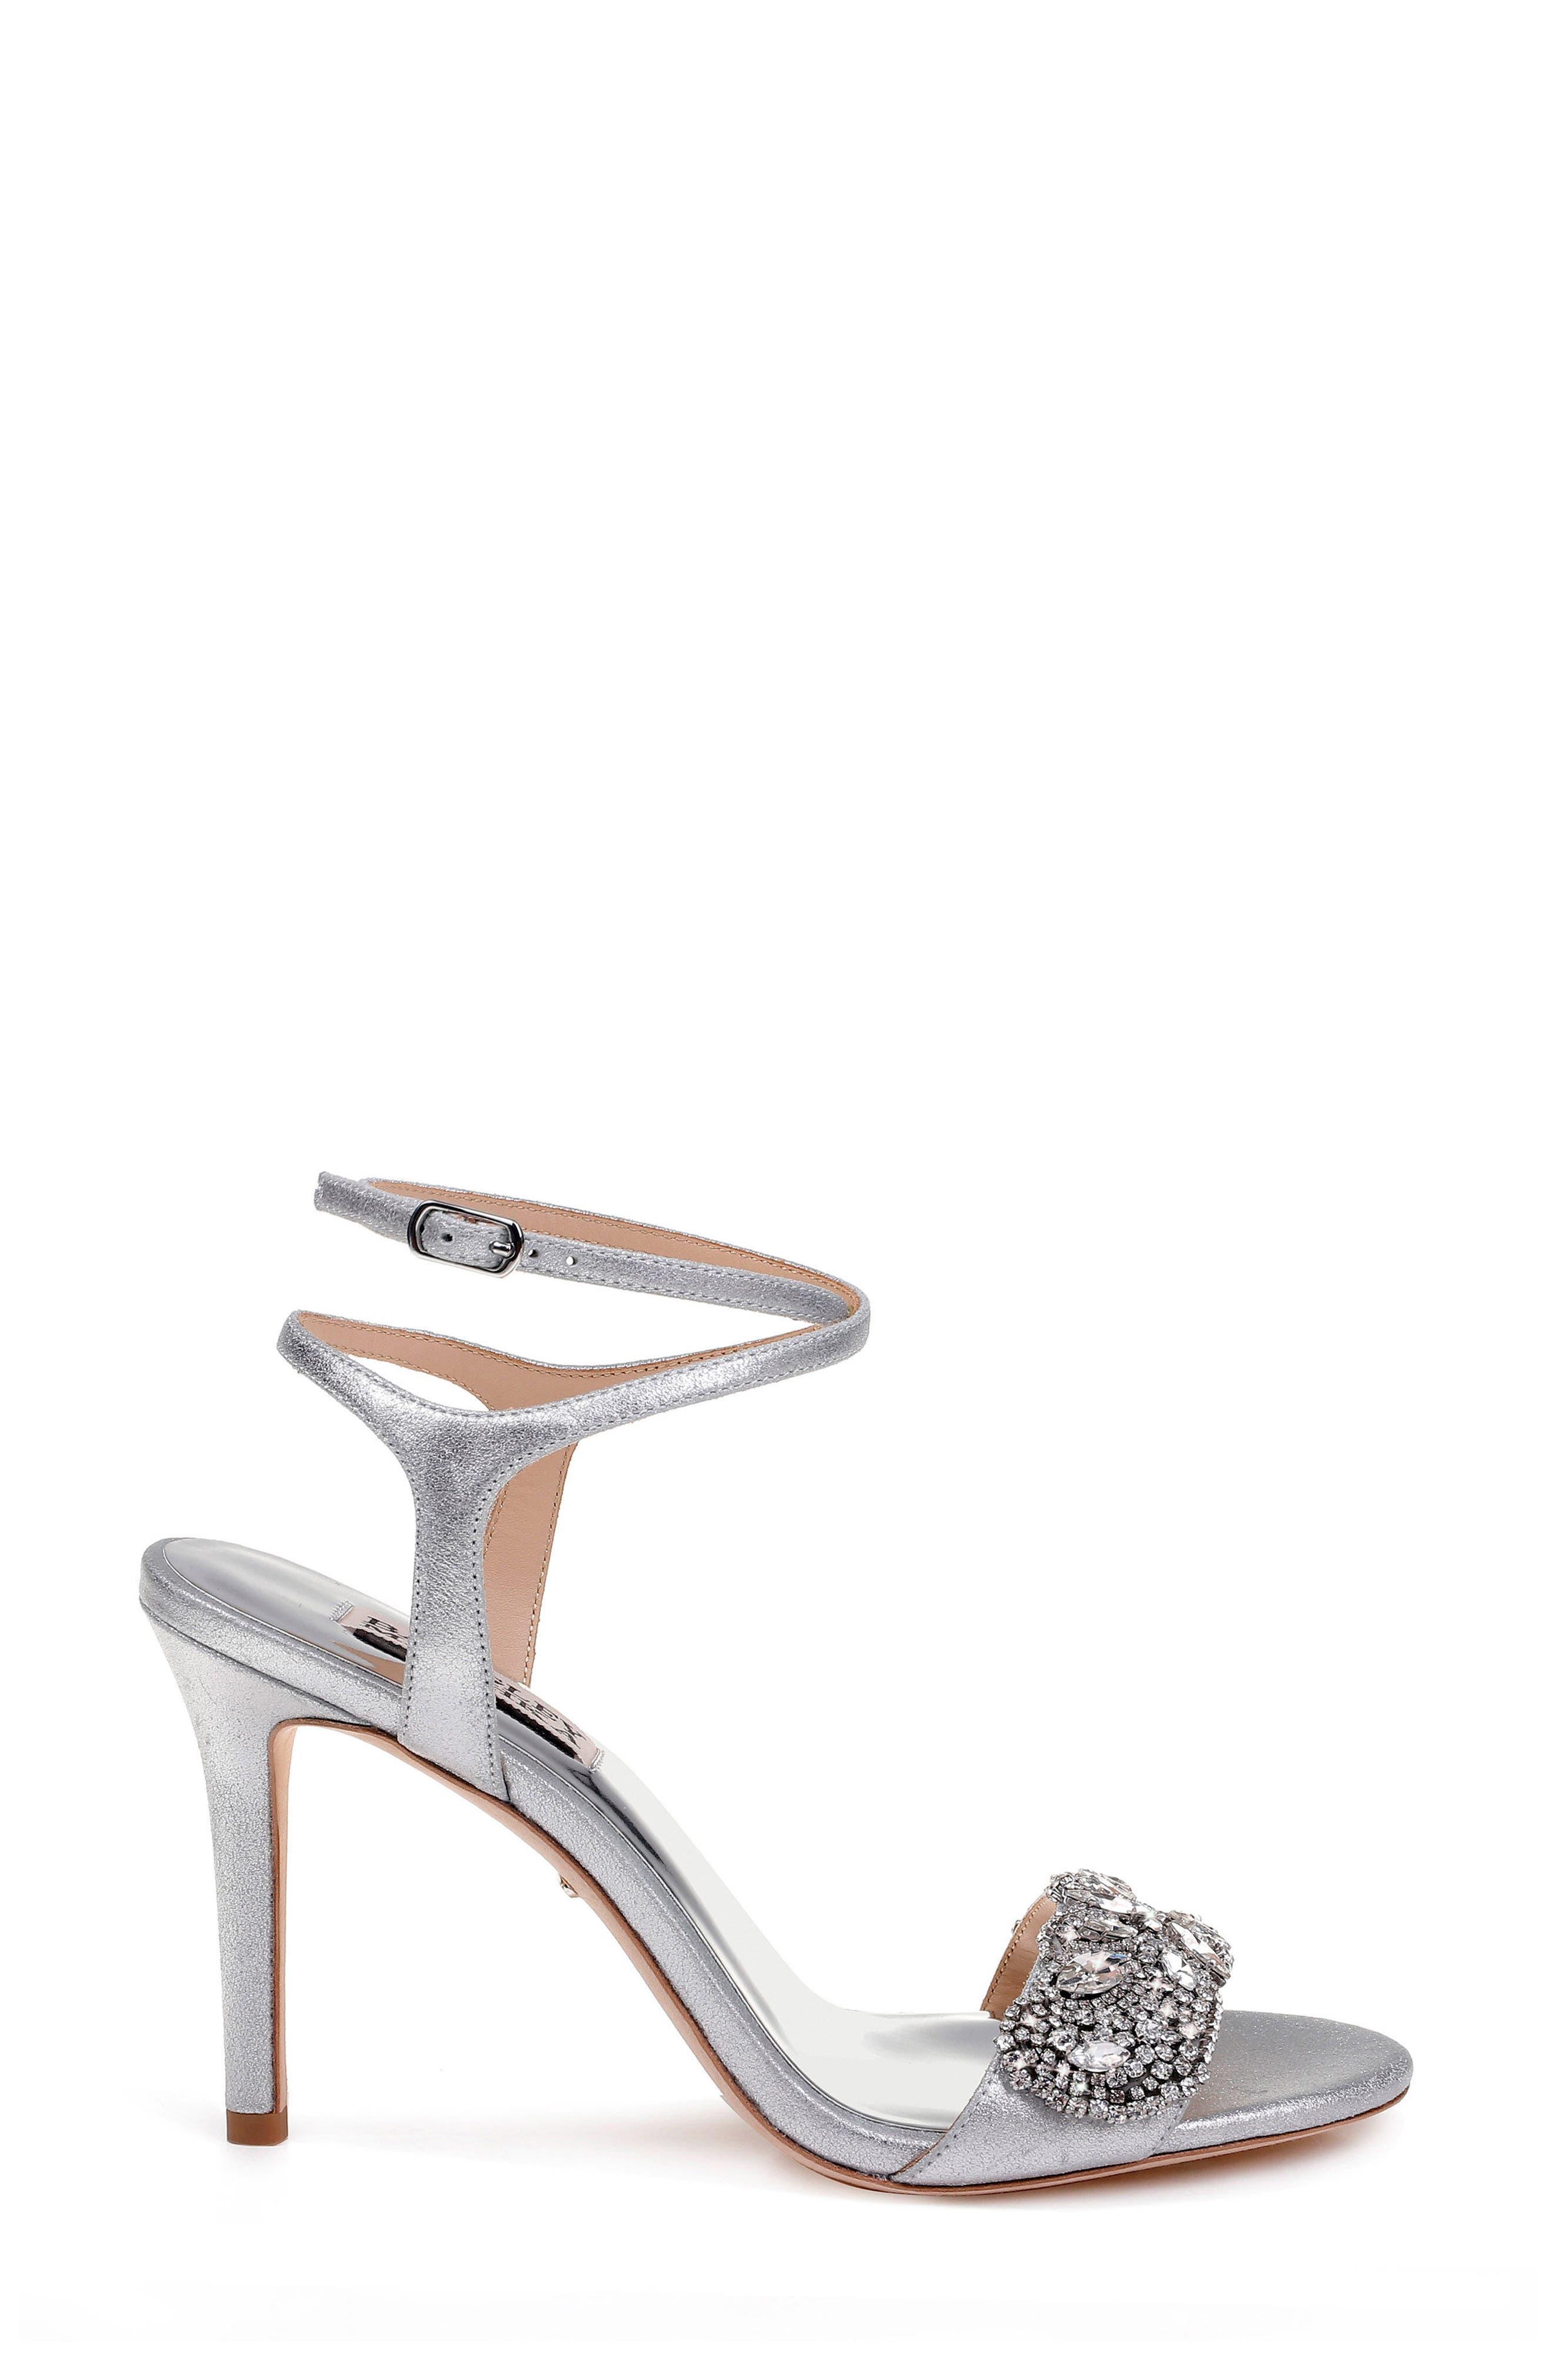 Hailey Embellished Ankle Strap Sandal,                             Alternate thumbnail 14, color,